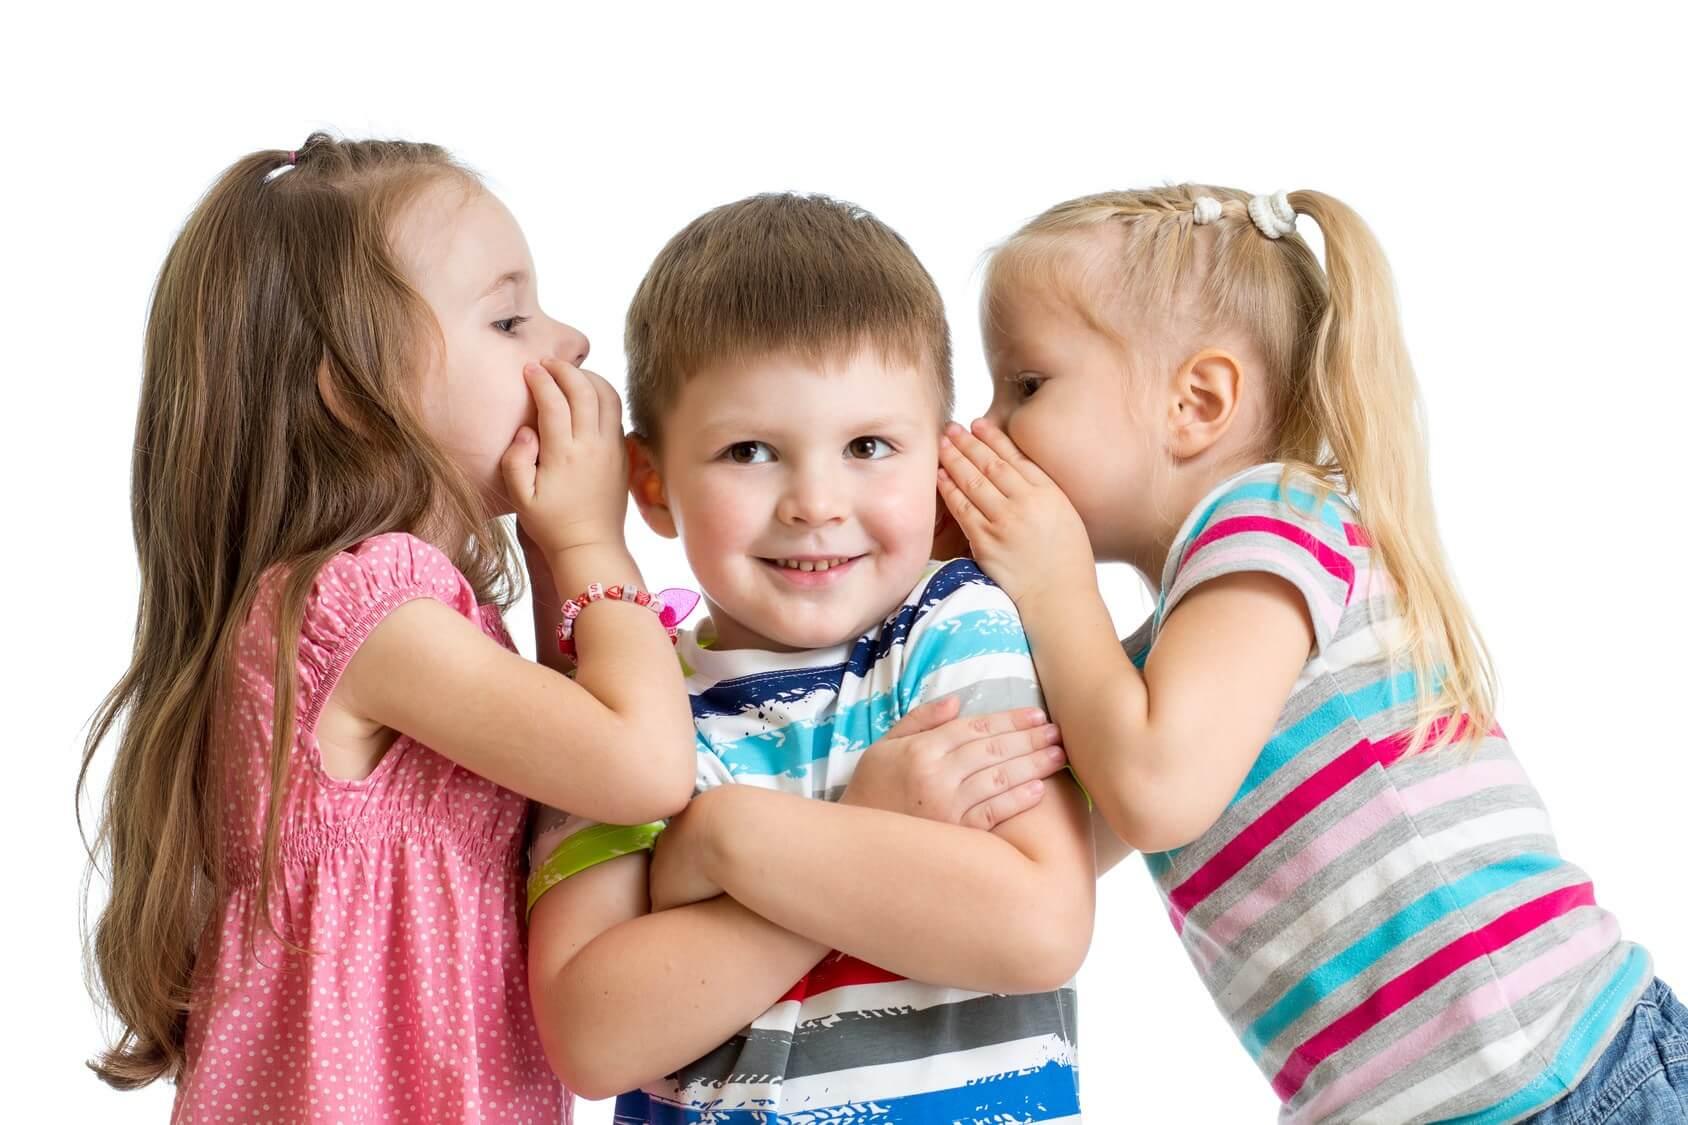 Две девочки и мальчик смешные картинки, поздравление мамы рождением